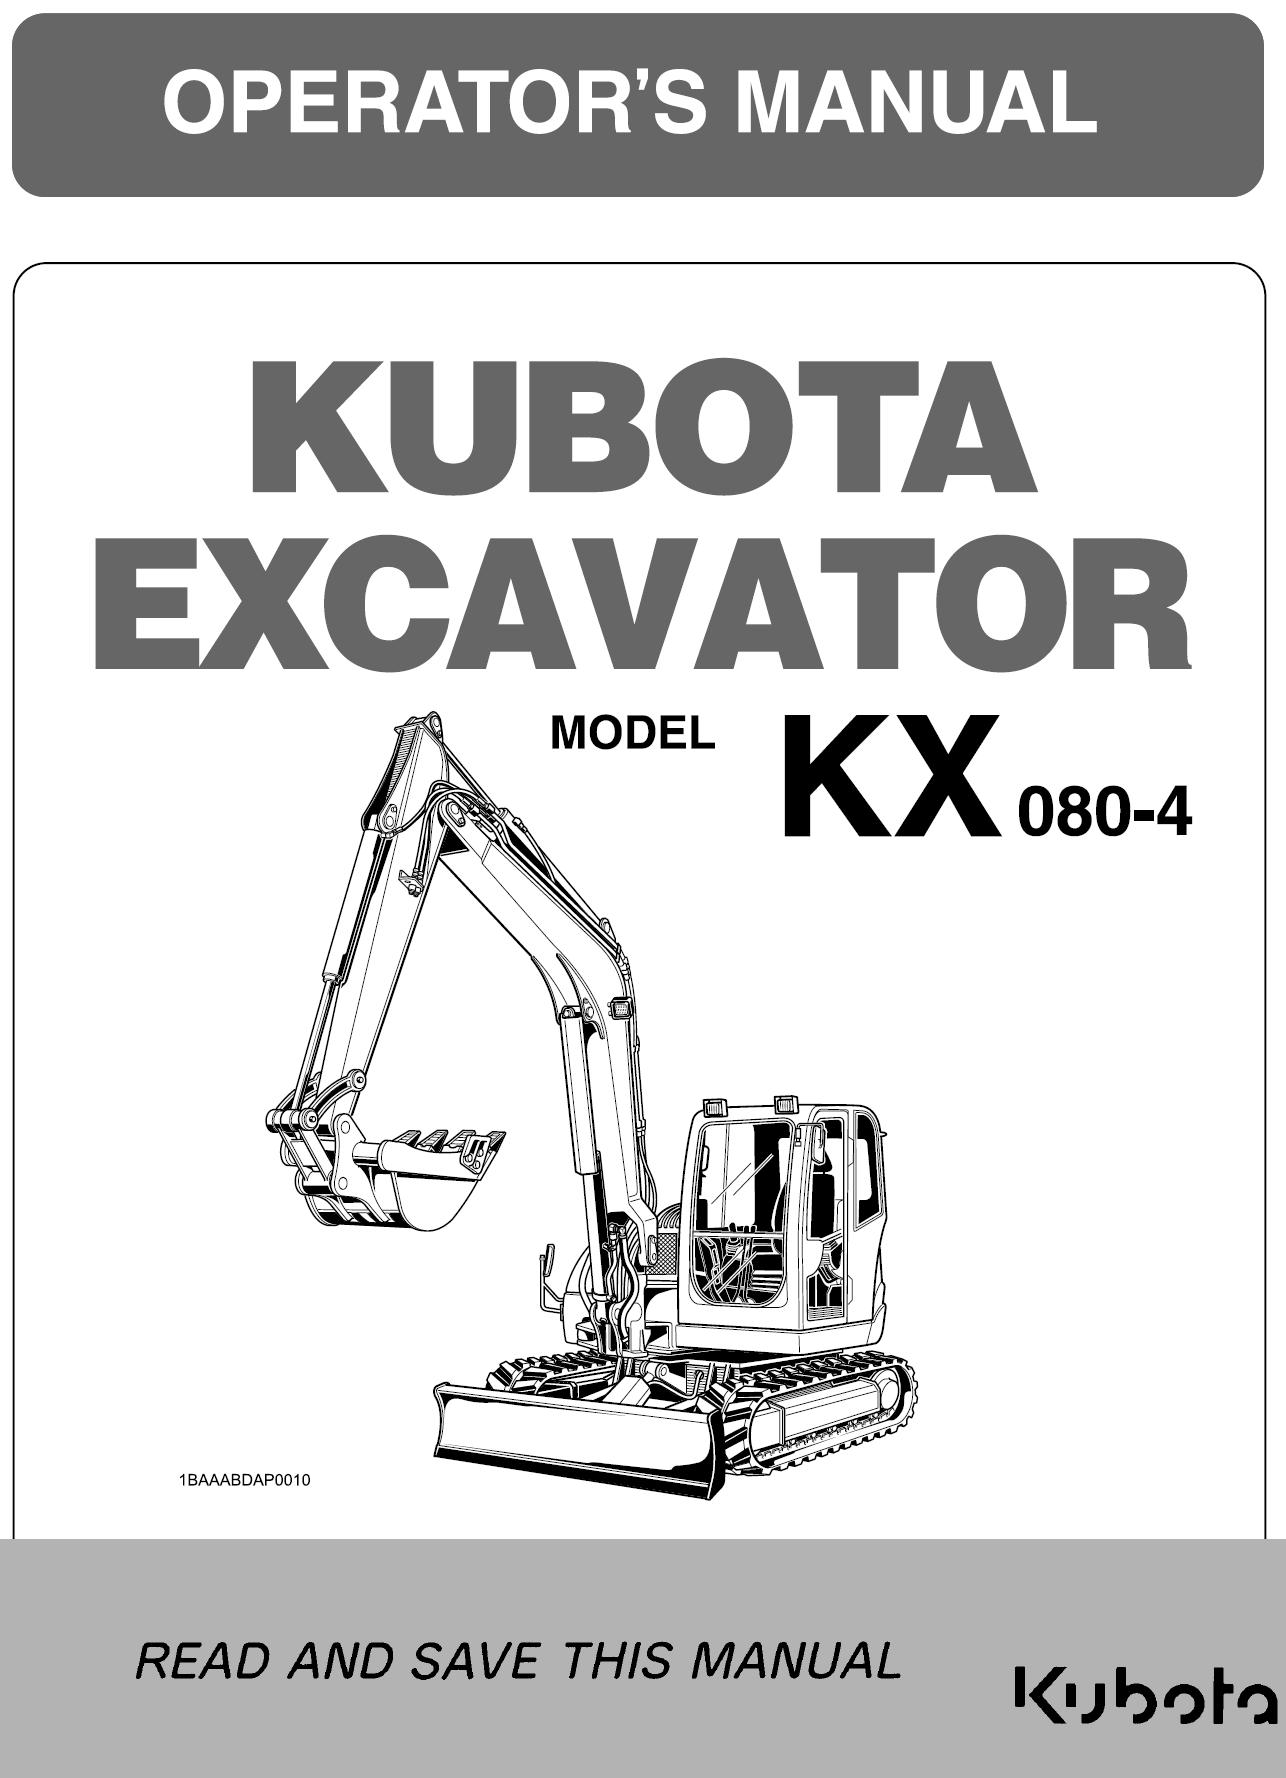 hight resolution of kubota kx080 4 operators manual garton tractor california kubota new holland tractors equipment